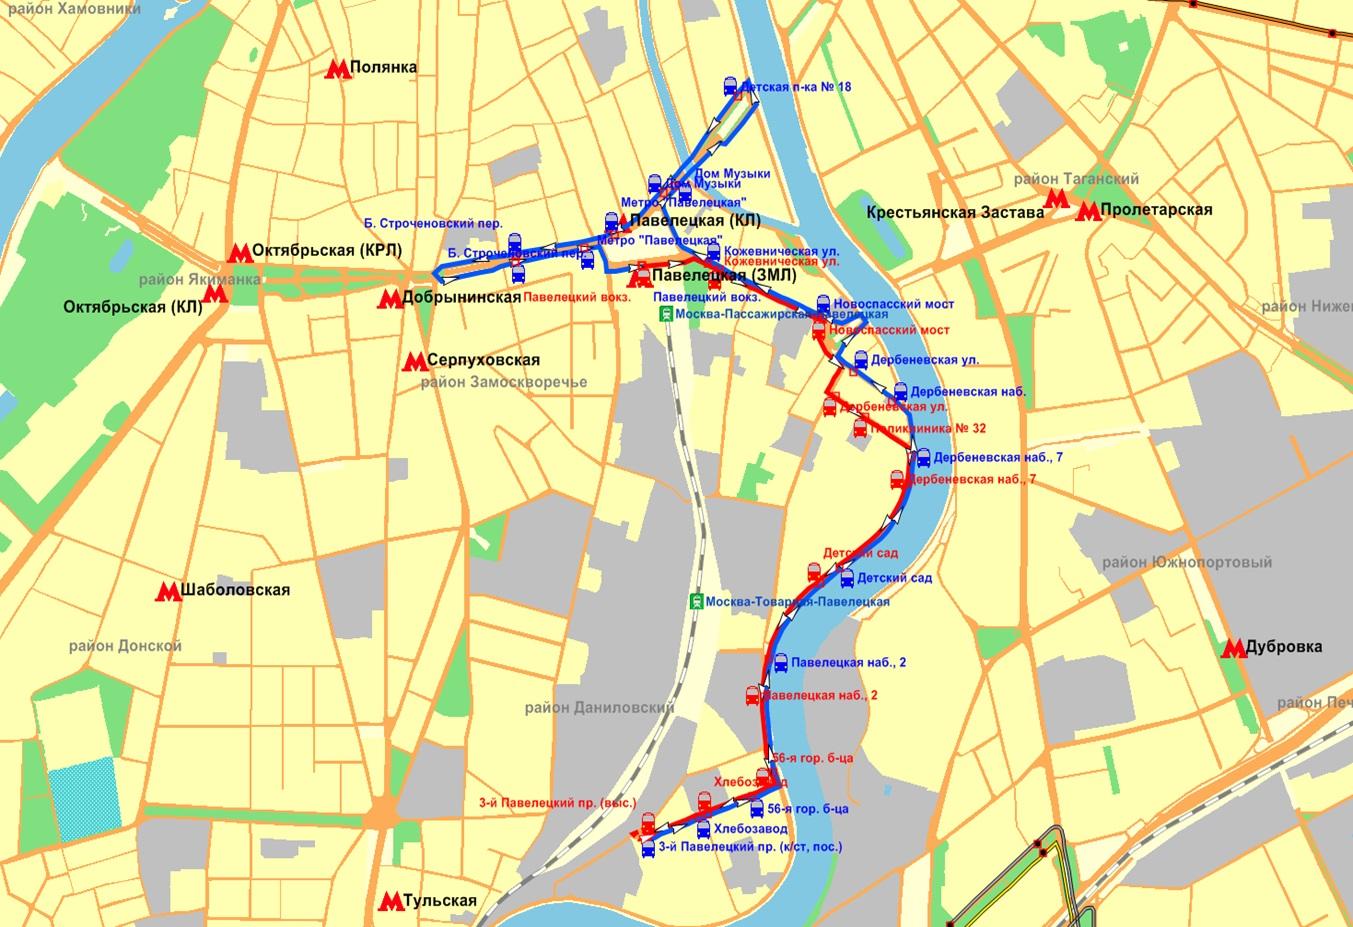 схема маршрутного такси номер 2 города ульяновска